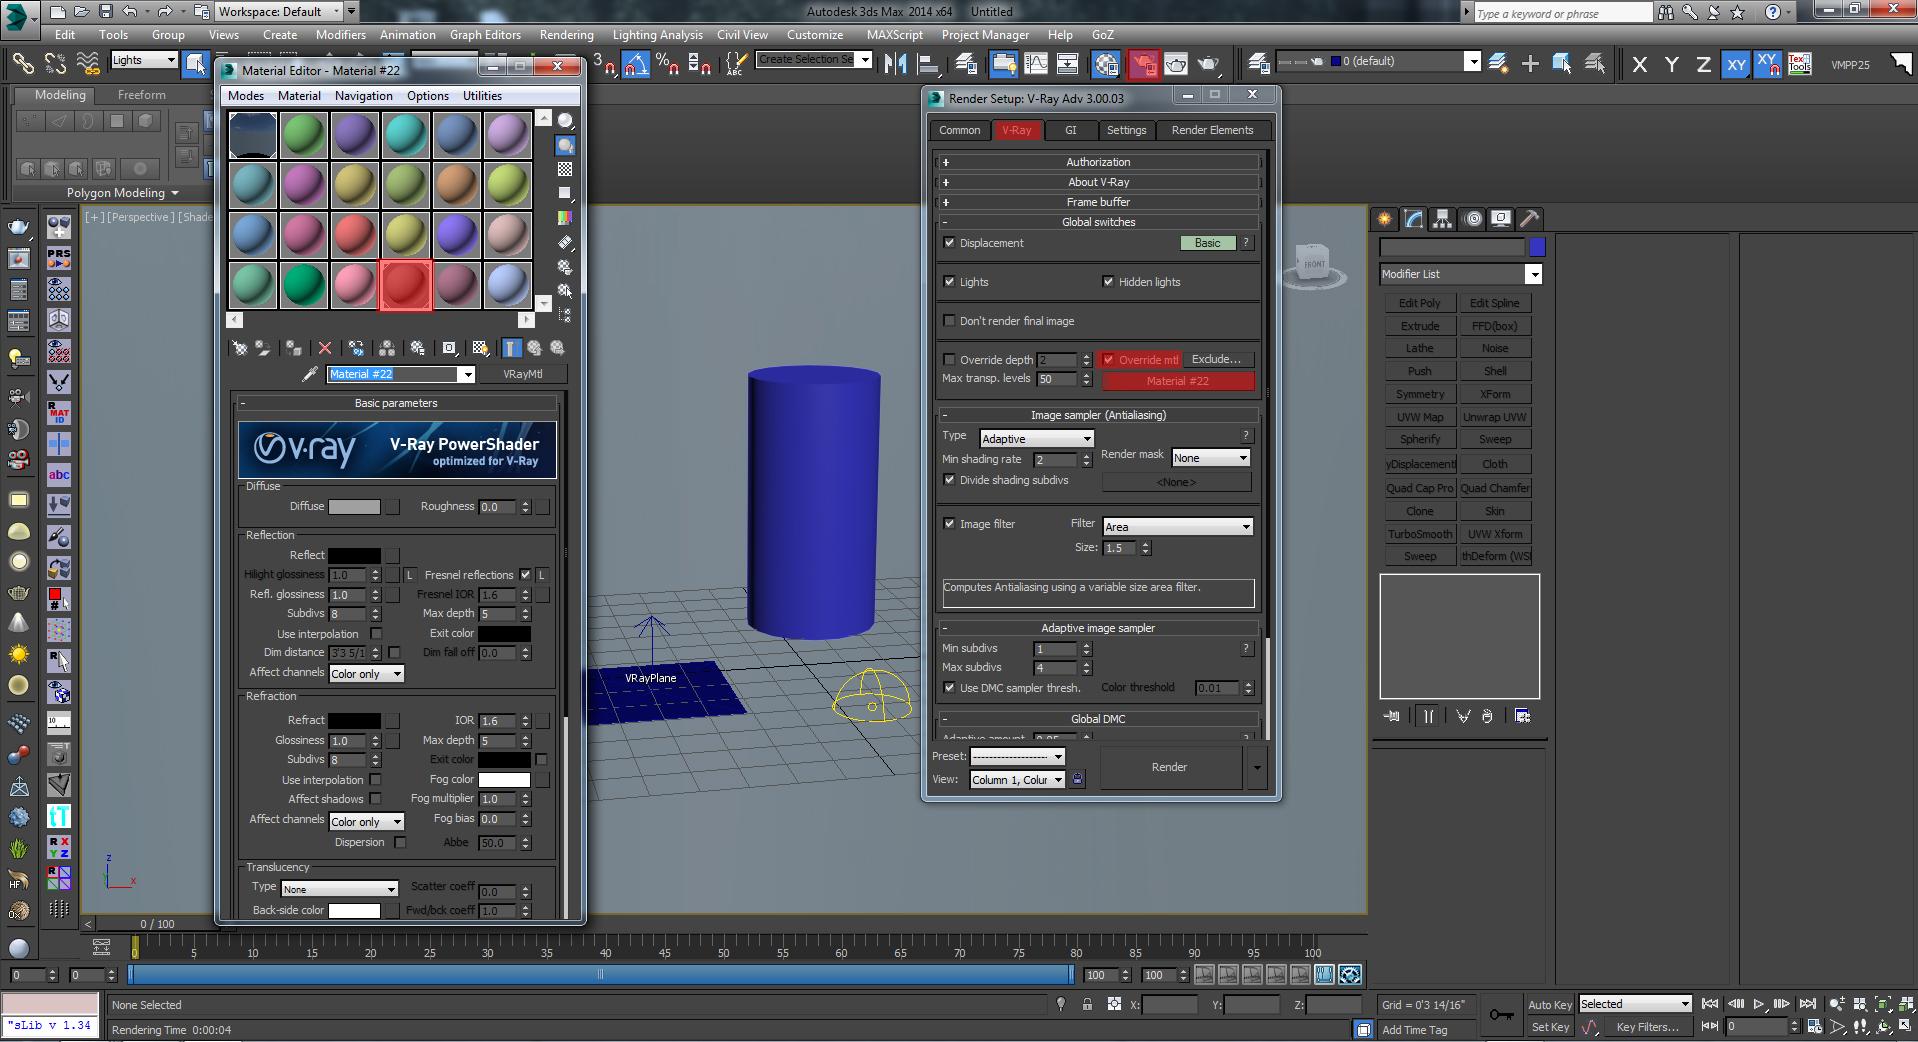 Lighting architecture interior scenes with hdri images - 3ds max vray exterior lighting tutorials pdf ...